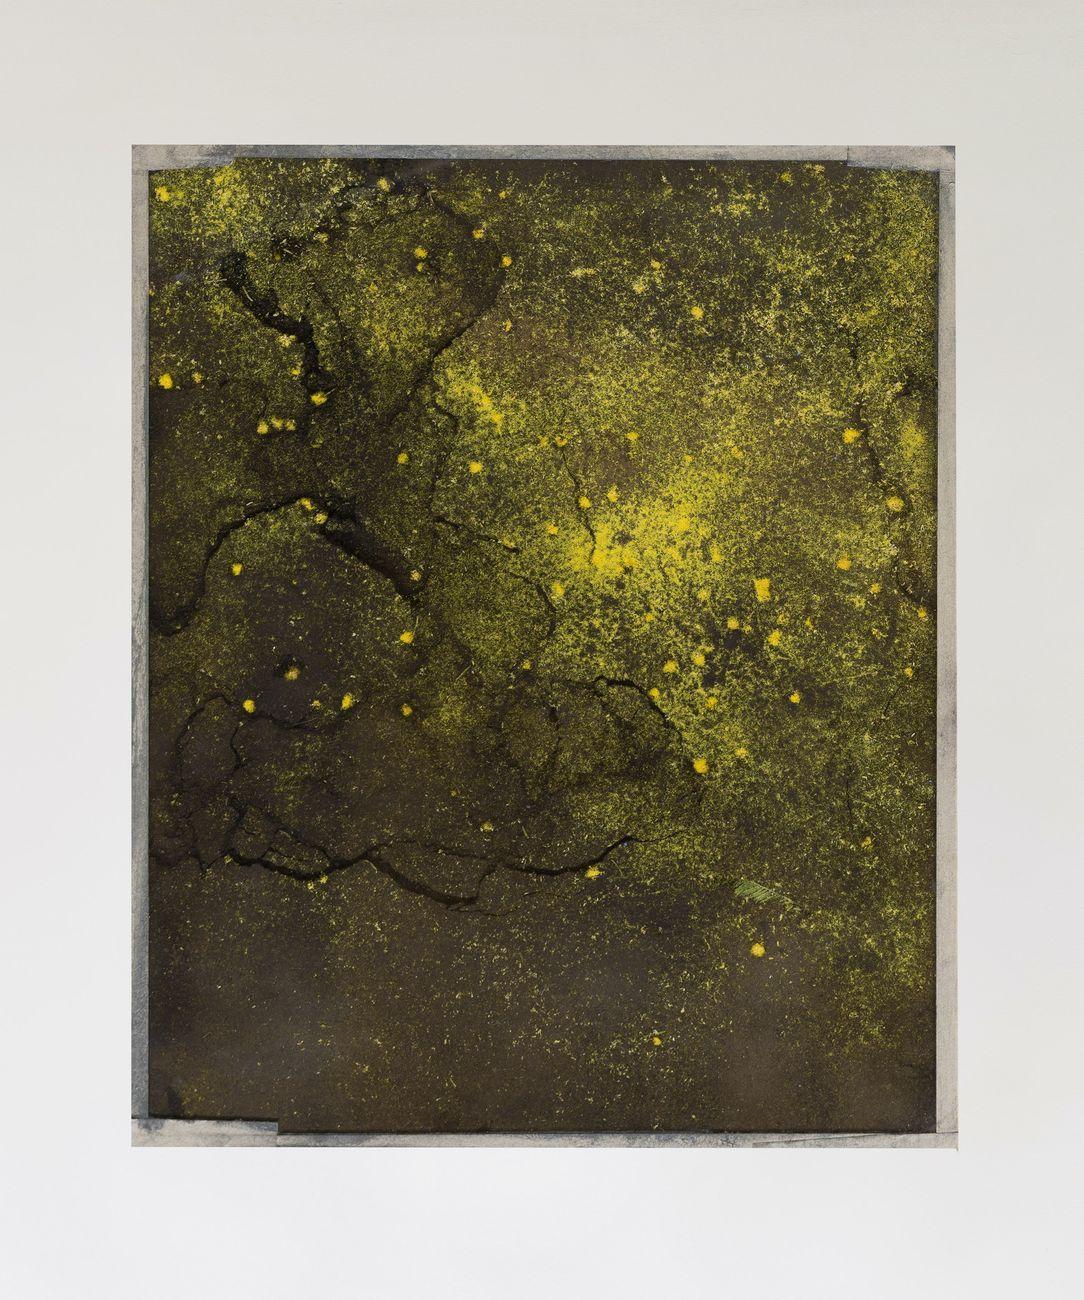 Sophie Ko, Geografia temporale. Il risveglio della terra, 2019, polline e pigmento puro, 31,5x25,5 cm. Courtesy Building Gallery, Milano